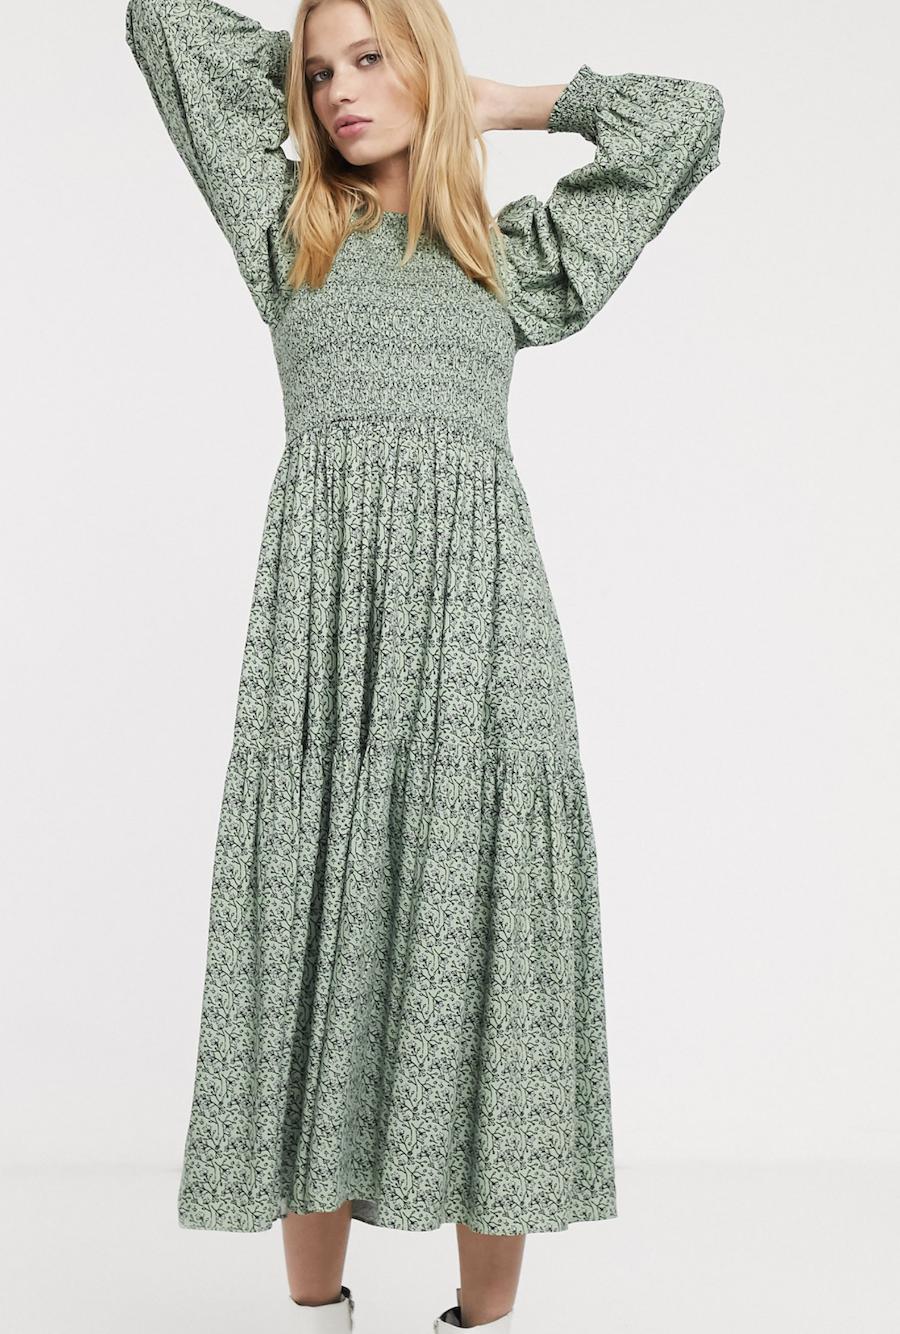 Vestido midi amplio de estilo Prairie con estampado de florecitas de & Other Stories